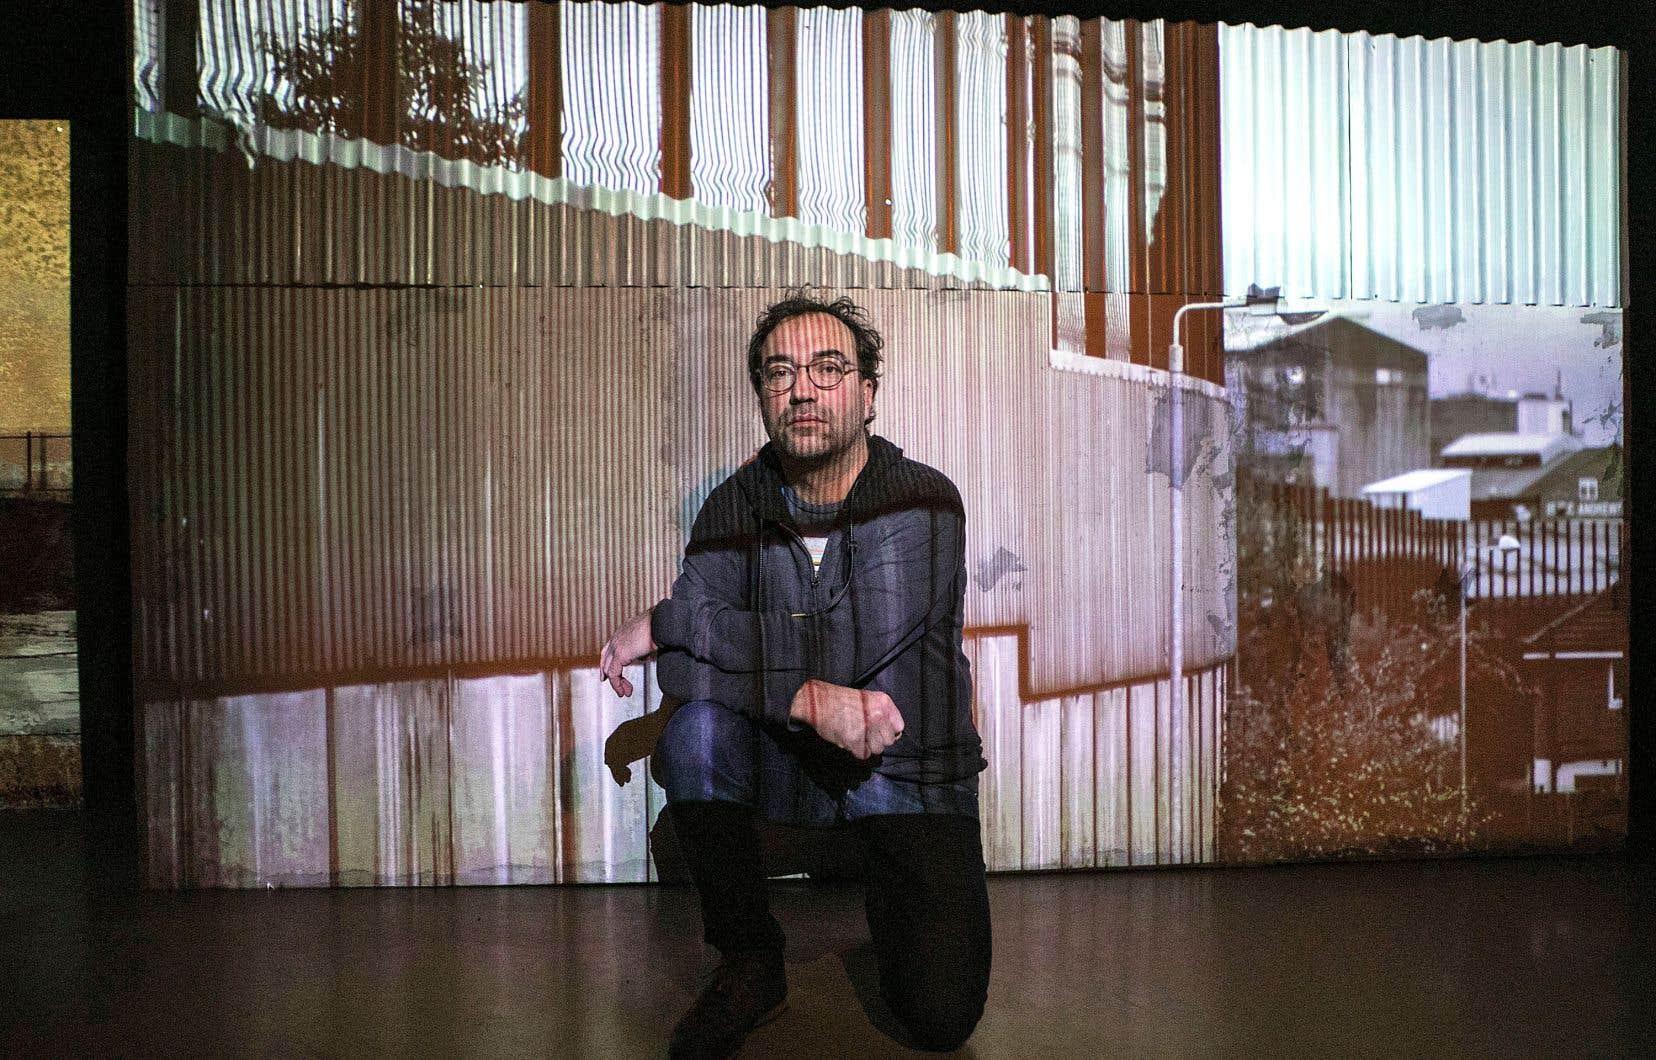 L'artiste Martin Bureau a érigé des reproductions de portions des murs qui séparent les frontières entre les États-Unis et le Mexique, entre Israël et la Palestine, ainsi qu'entre Belfast et l'Irlande du Nord.